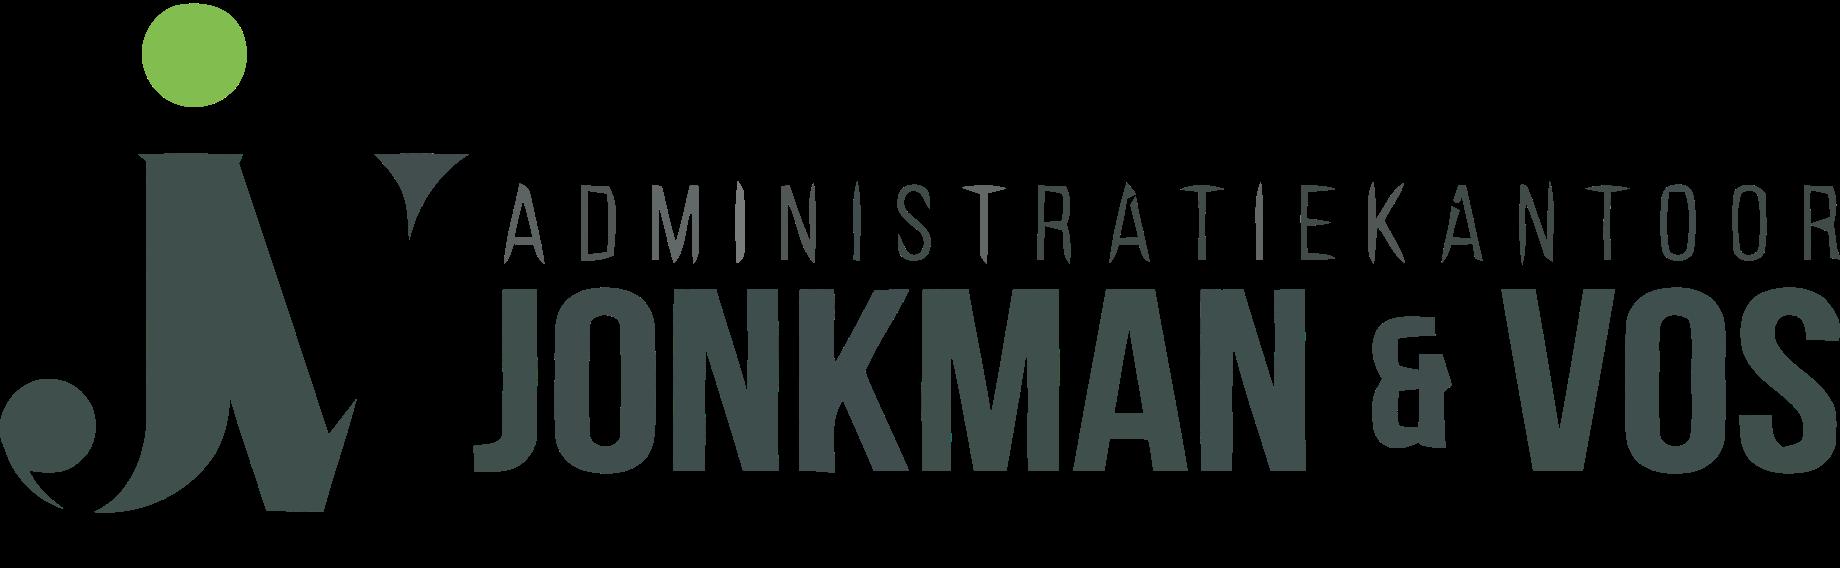 Jonkman & Vos Administratie Hoogeveen